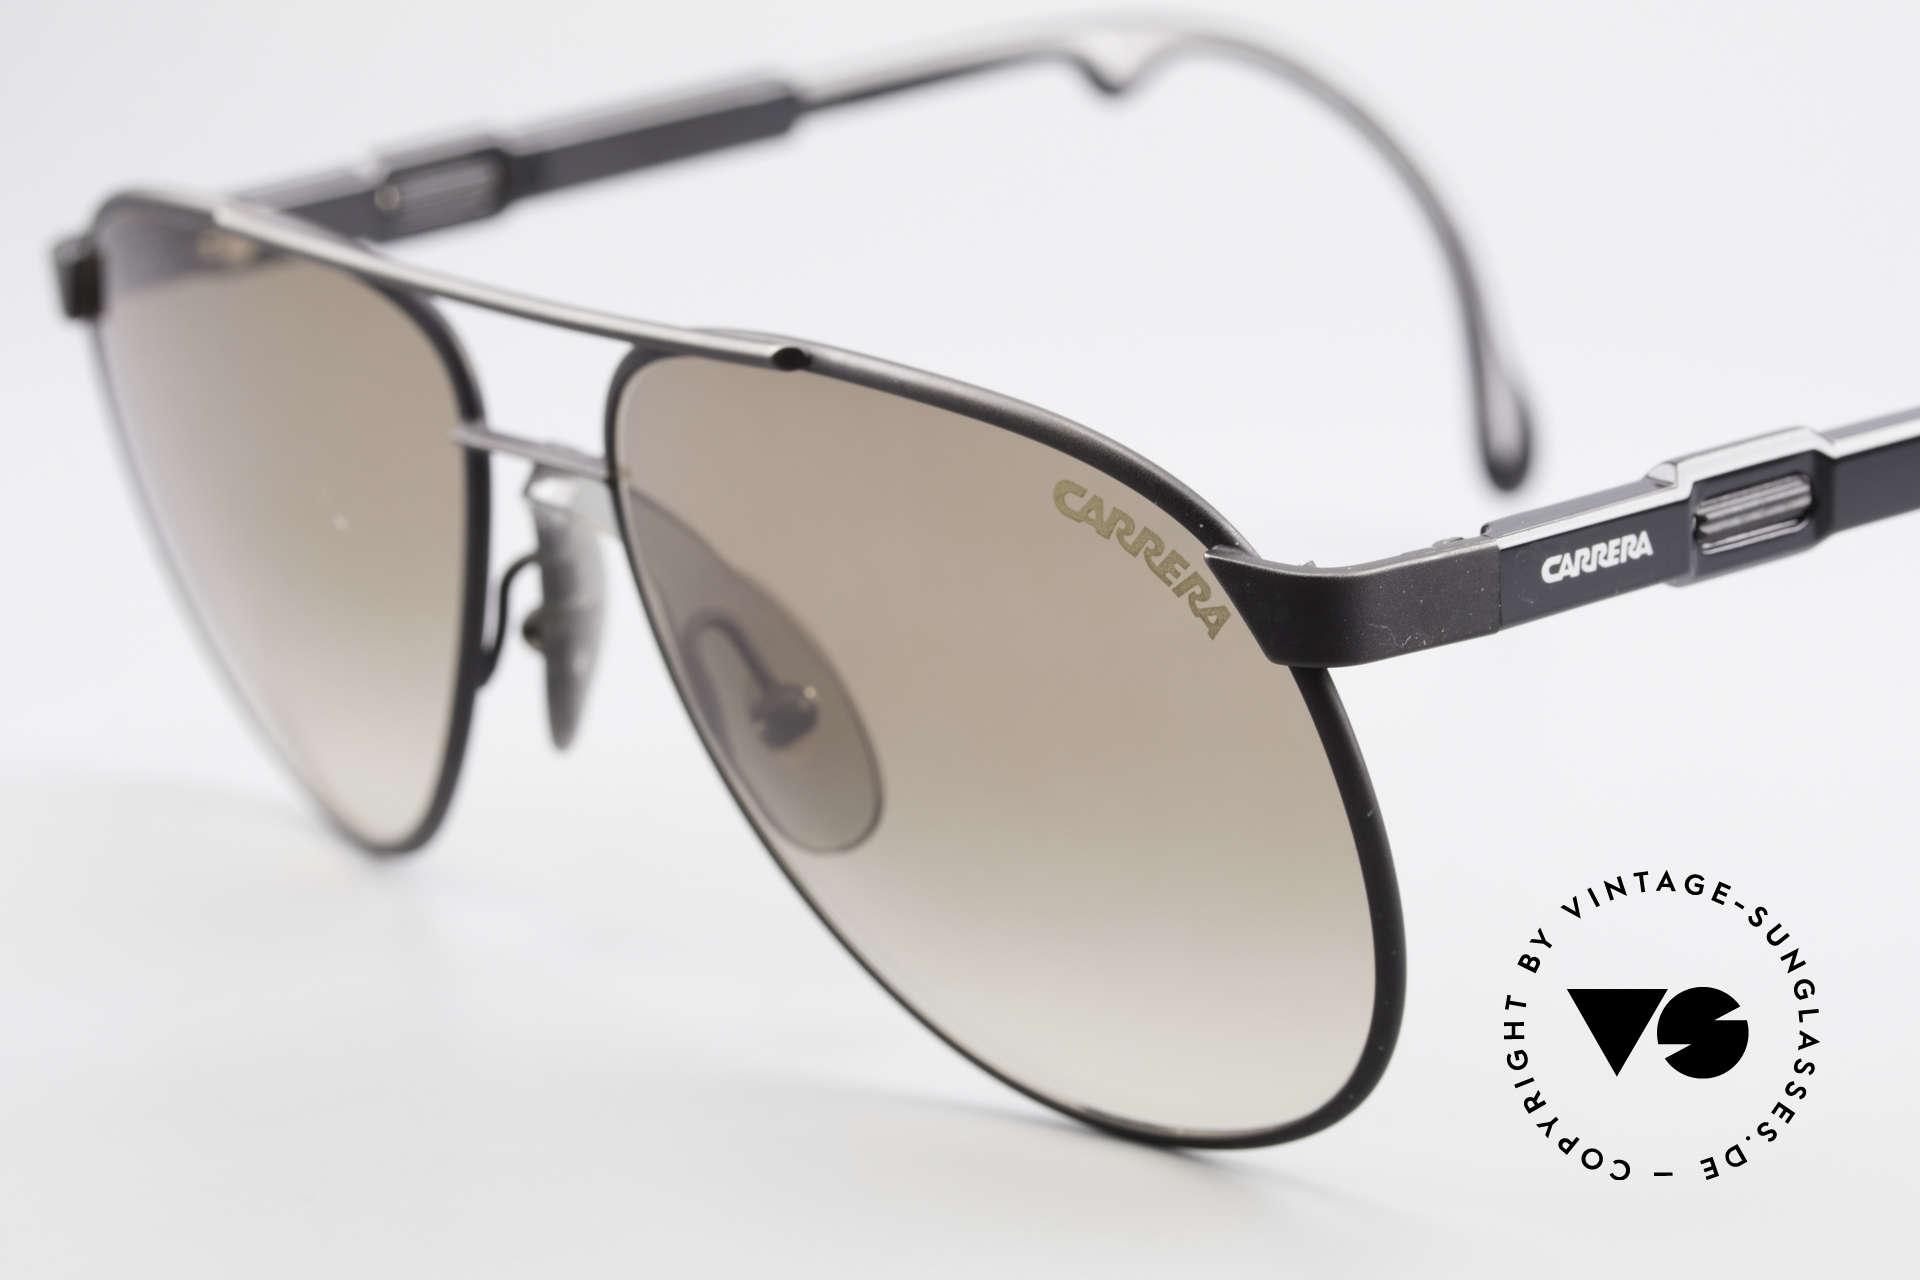 Carrera 5348 Vario Sport Sonnenbrille 80er, entsprechend hoher Tragekomfort und Passform, Passend für Herren und Damen